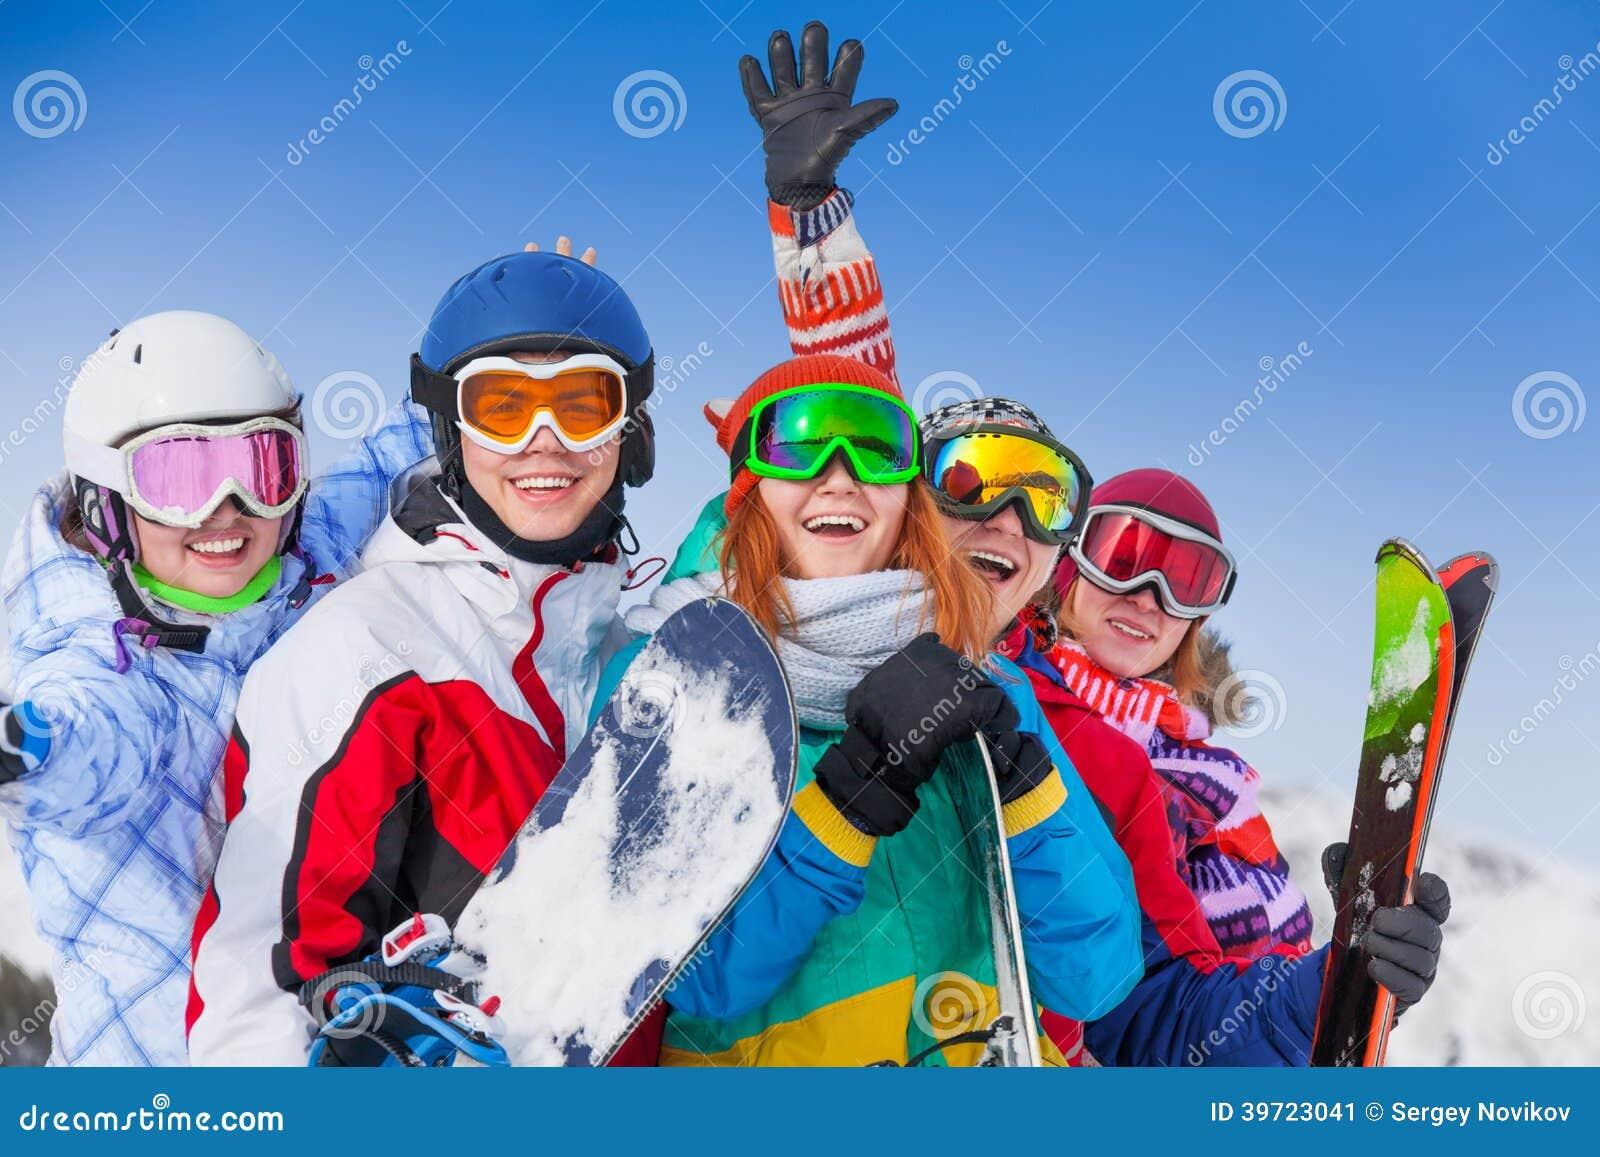 Amigos positivos com snowboards e esquis